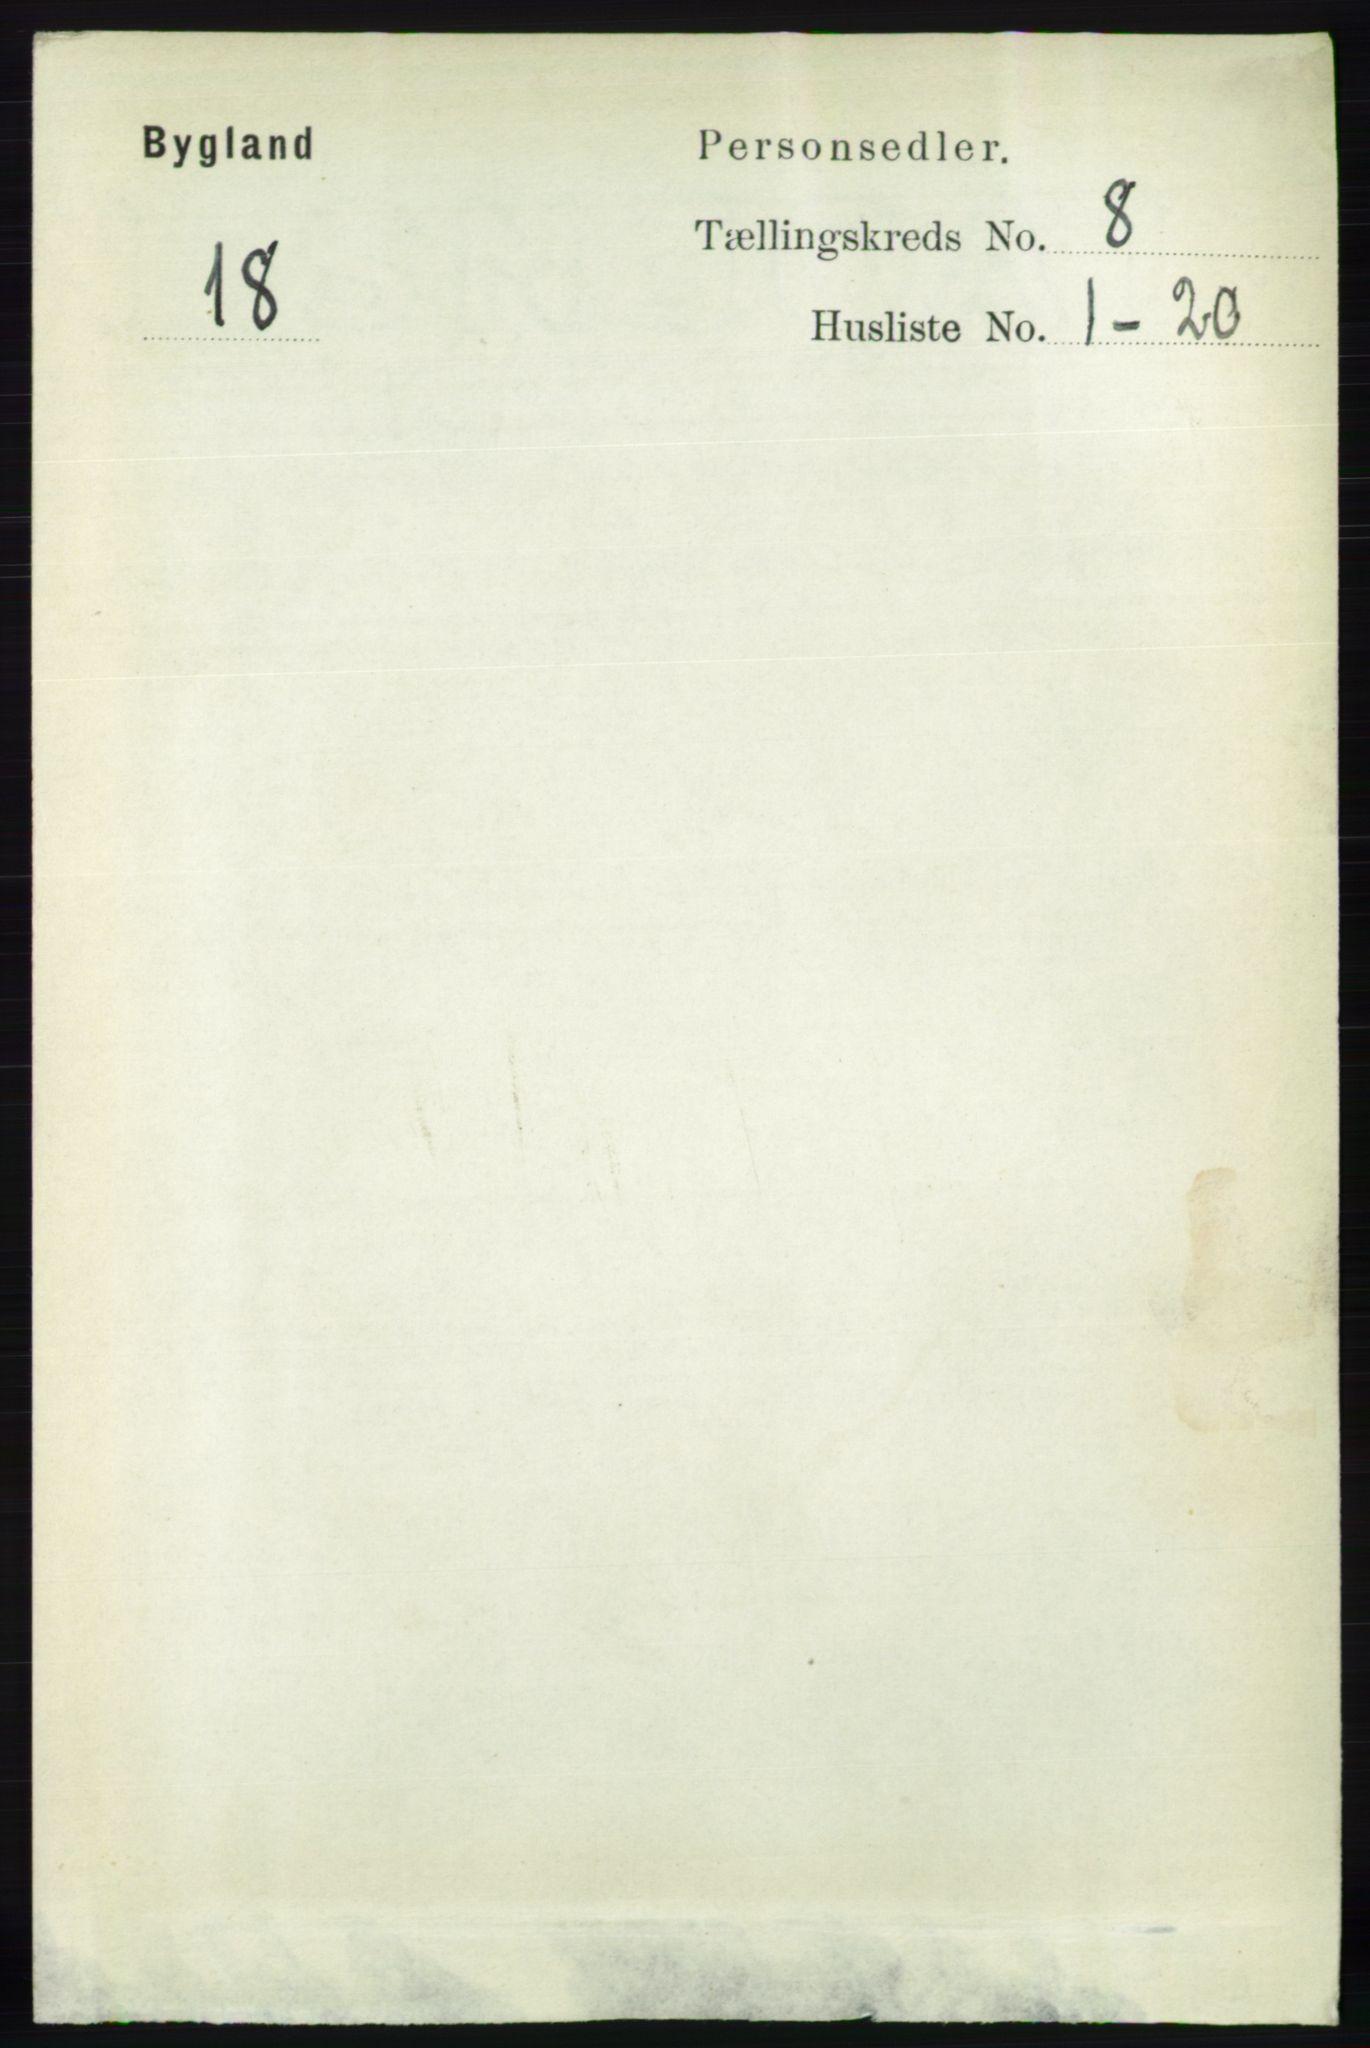 RA, Folketelling 1891 for 0938 Bygland herred, 1891, s. 1914